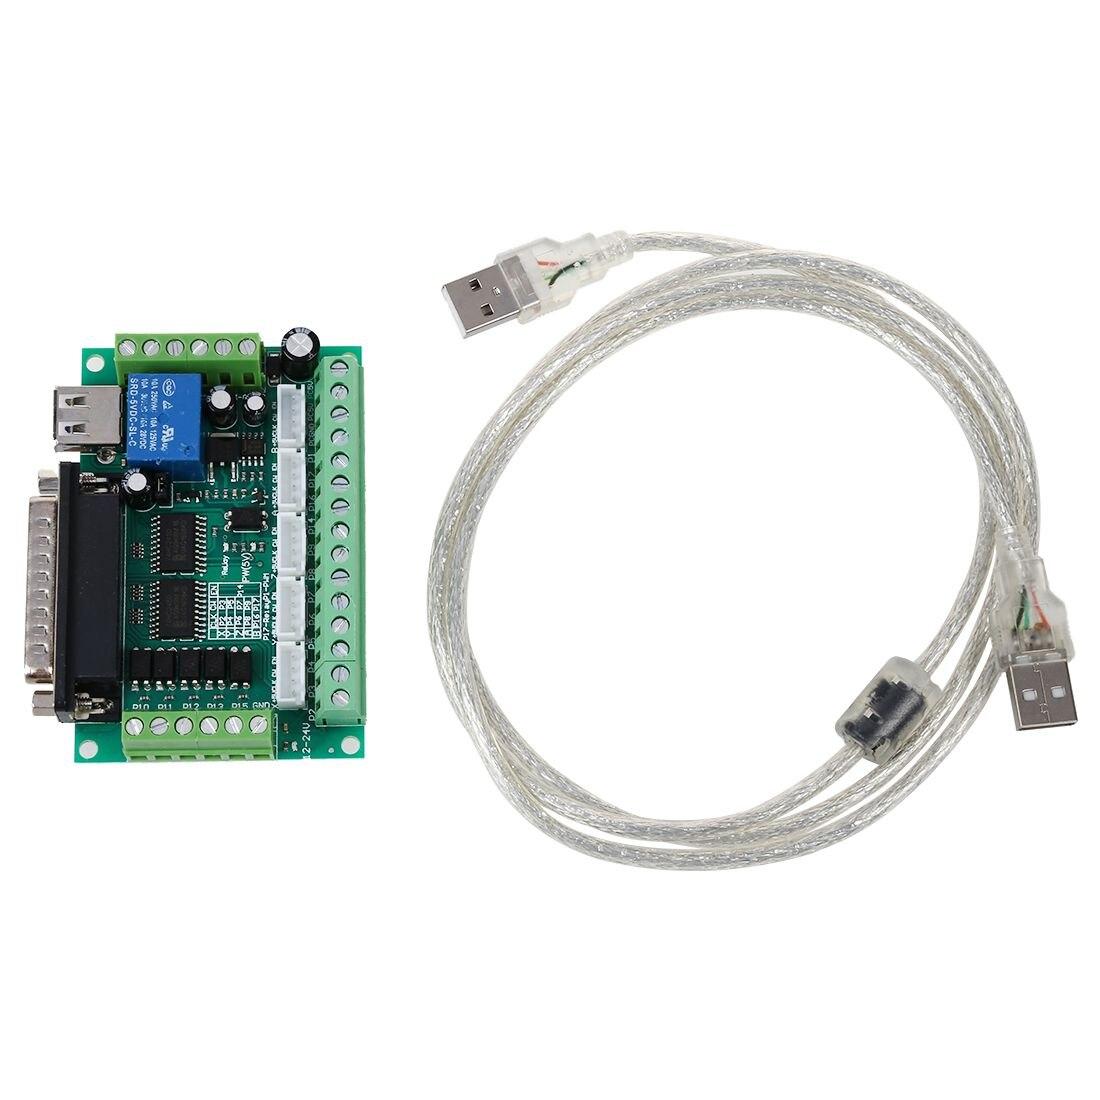 Actualizado 5 ejes CNC Breakout junta para Stepper Motor Driver Mach3 + Cable USB